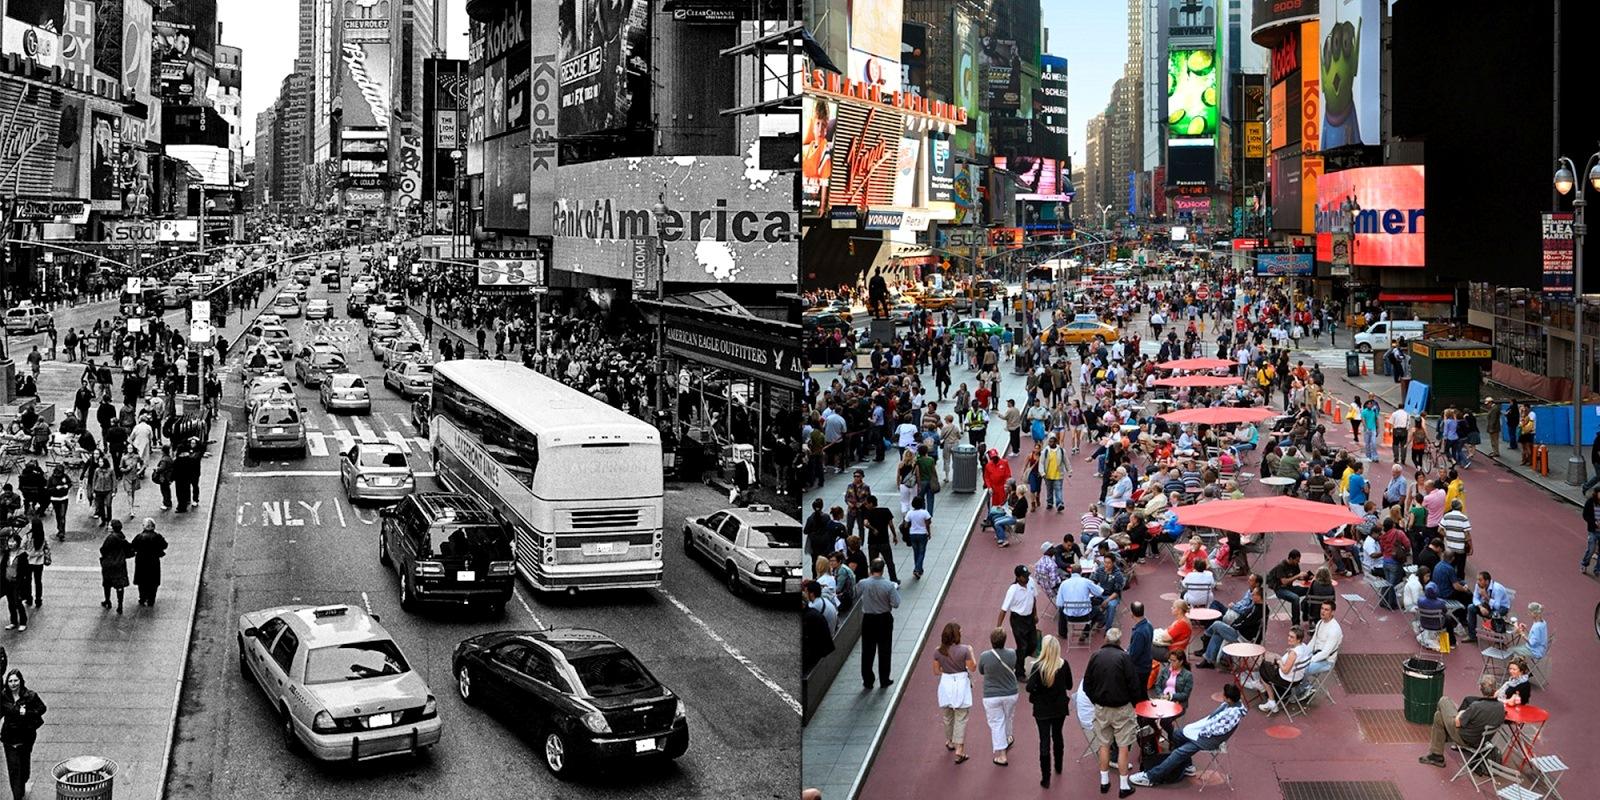 Uno de los ejemplos más emblemáticos de urbanismo táctico en el mundo es el de Times Square, en Nueva York. En una noche de 2009 se incorporaron jardineras, silletería de fácil instalación y se cerró completamente el tráfico vehicular. Ahora los peatones disfrutan de un espacio público regenerado. Foto: paisajetransversal.org